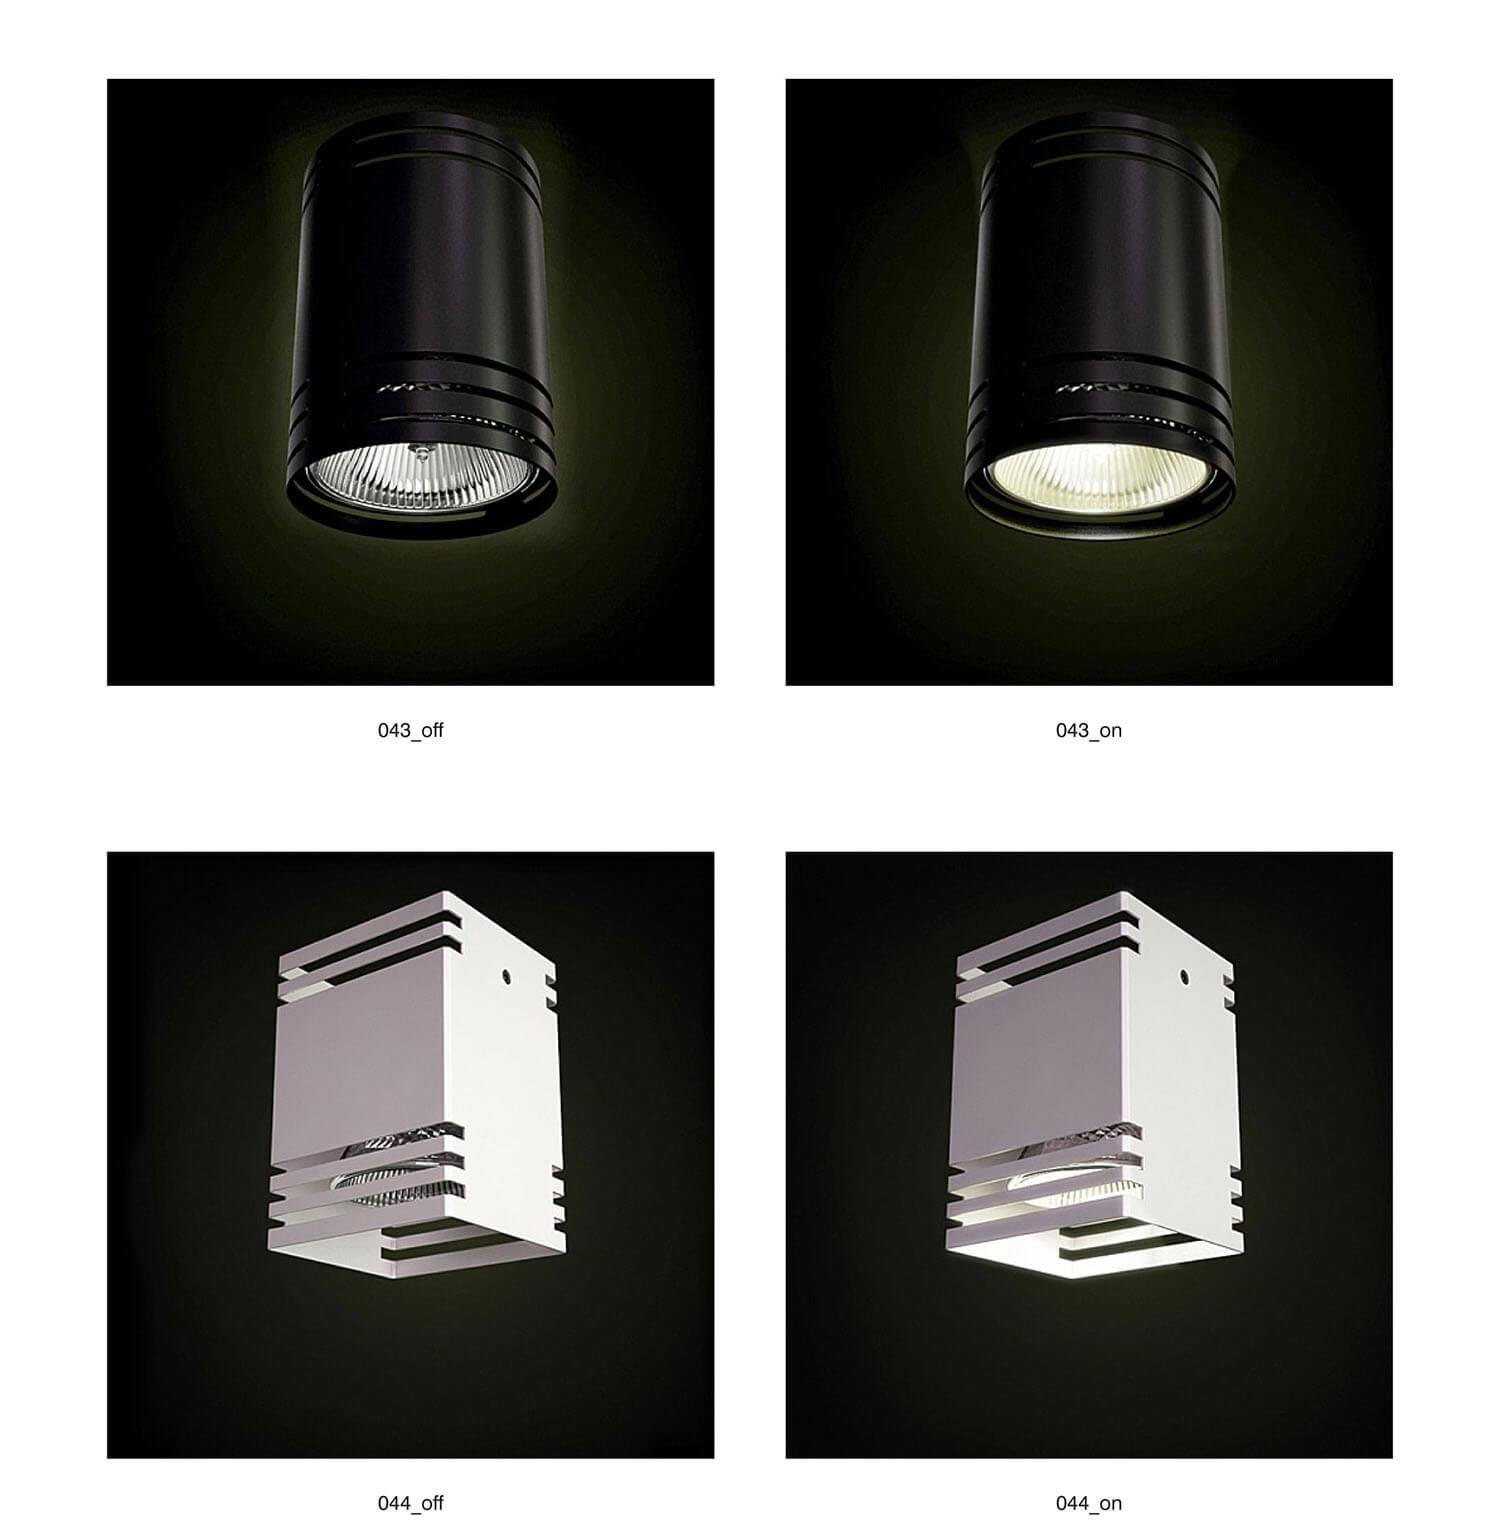 Đèn ốp tường kim loại với các nan sắt, tạo hiệu ứng đẹp khi chiếu sáng